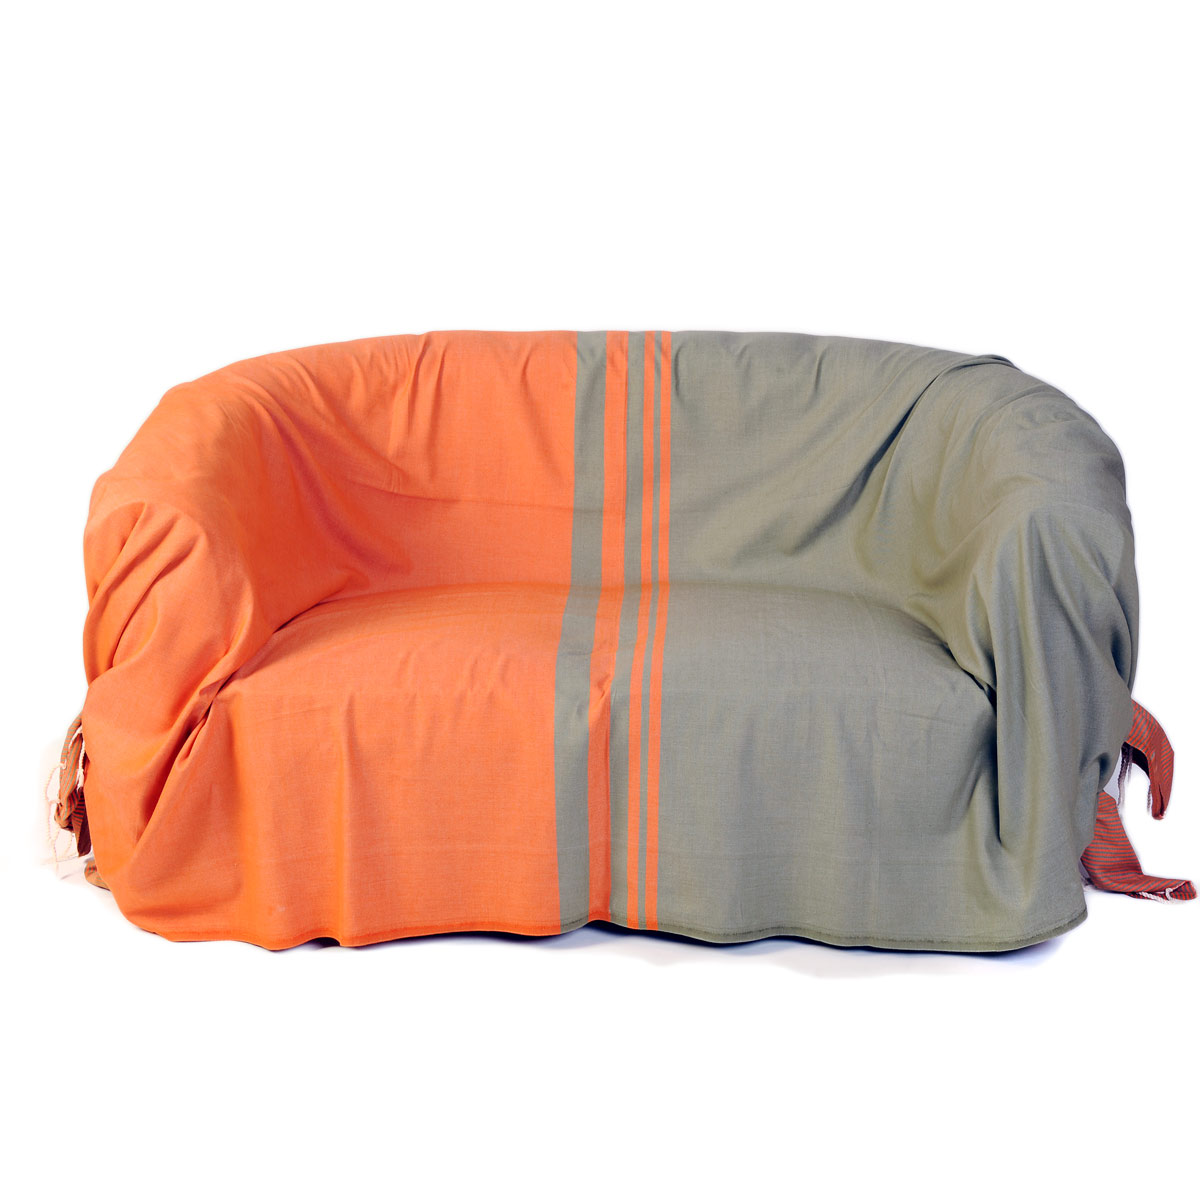 TANGER - Jeté de canapé coton rayures orange vert amande 200 x 300